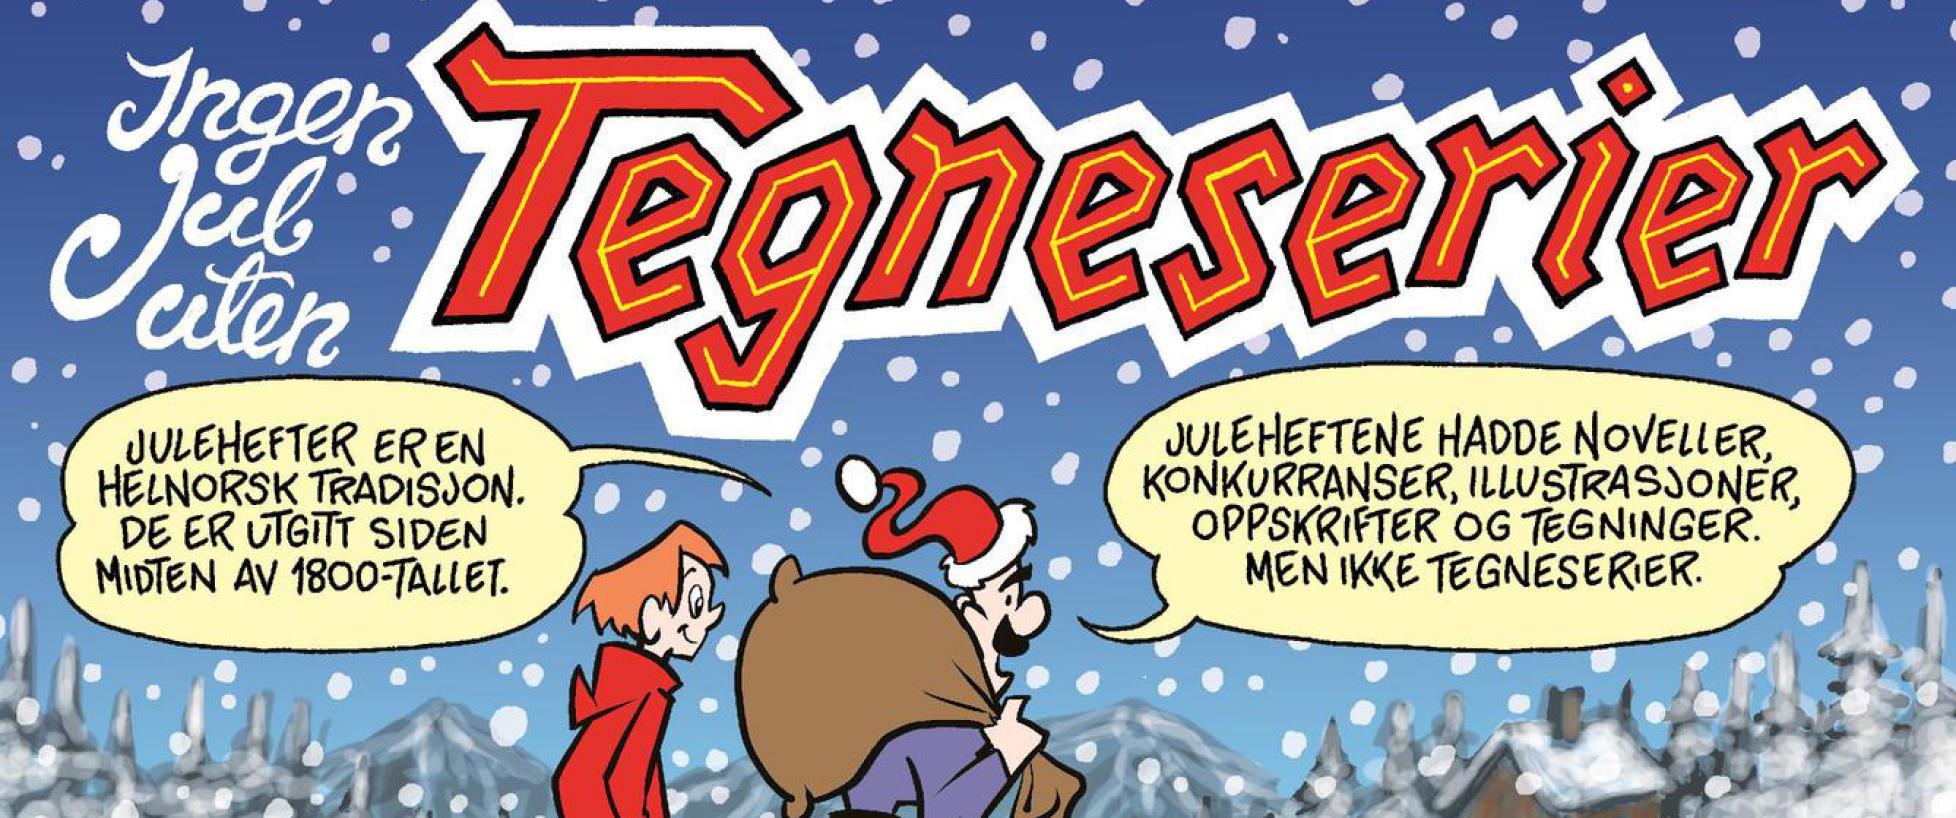 sex tegneserier Ski